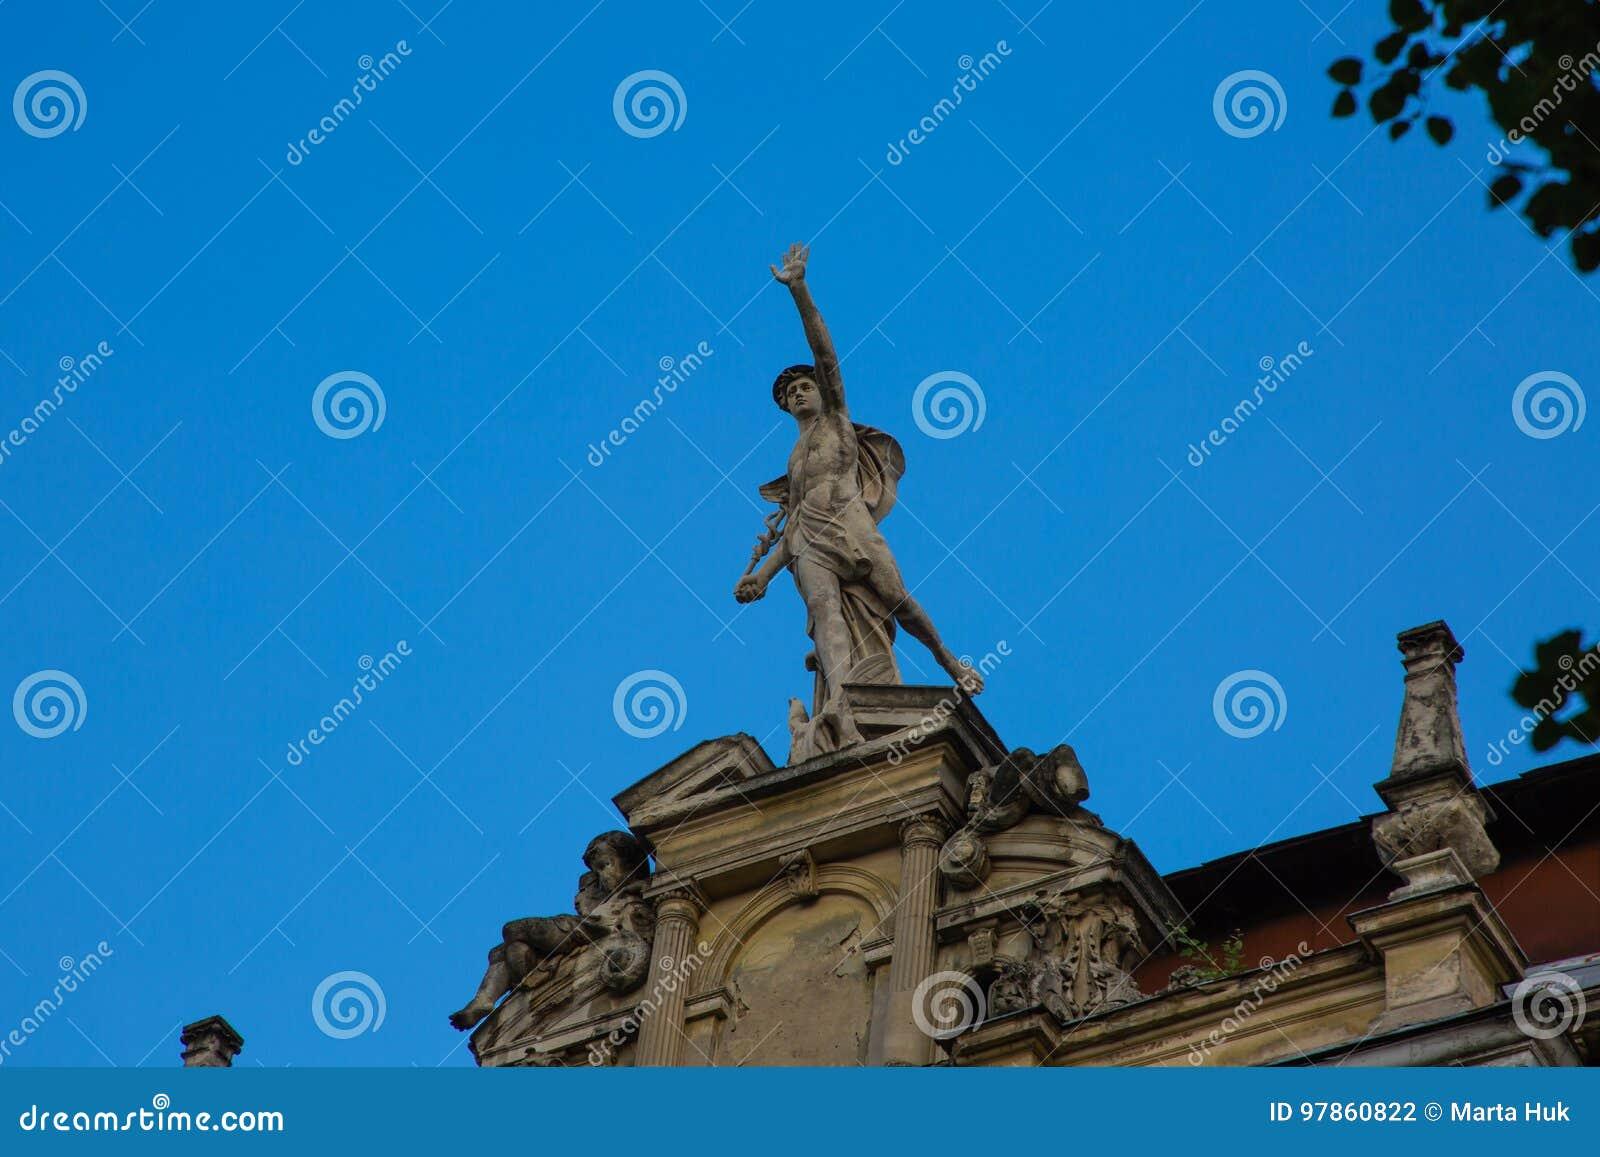 Staty av Mercury - ett viktigt romerskt gudanseende på en byggnadsfasad